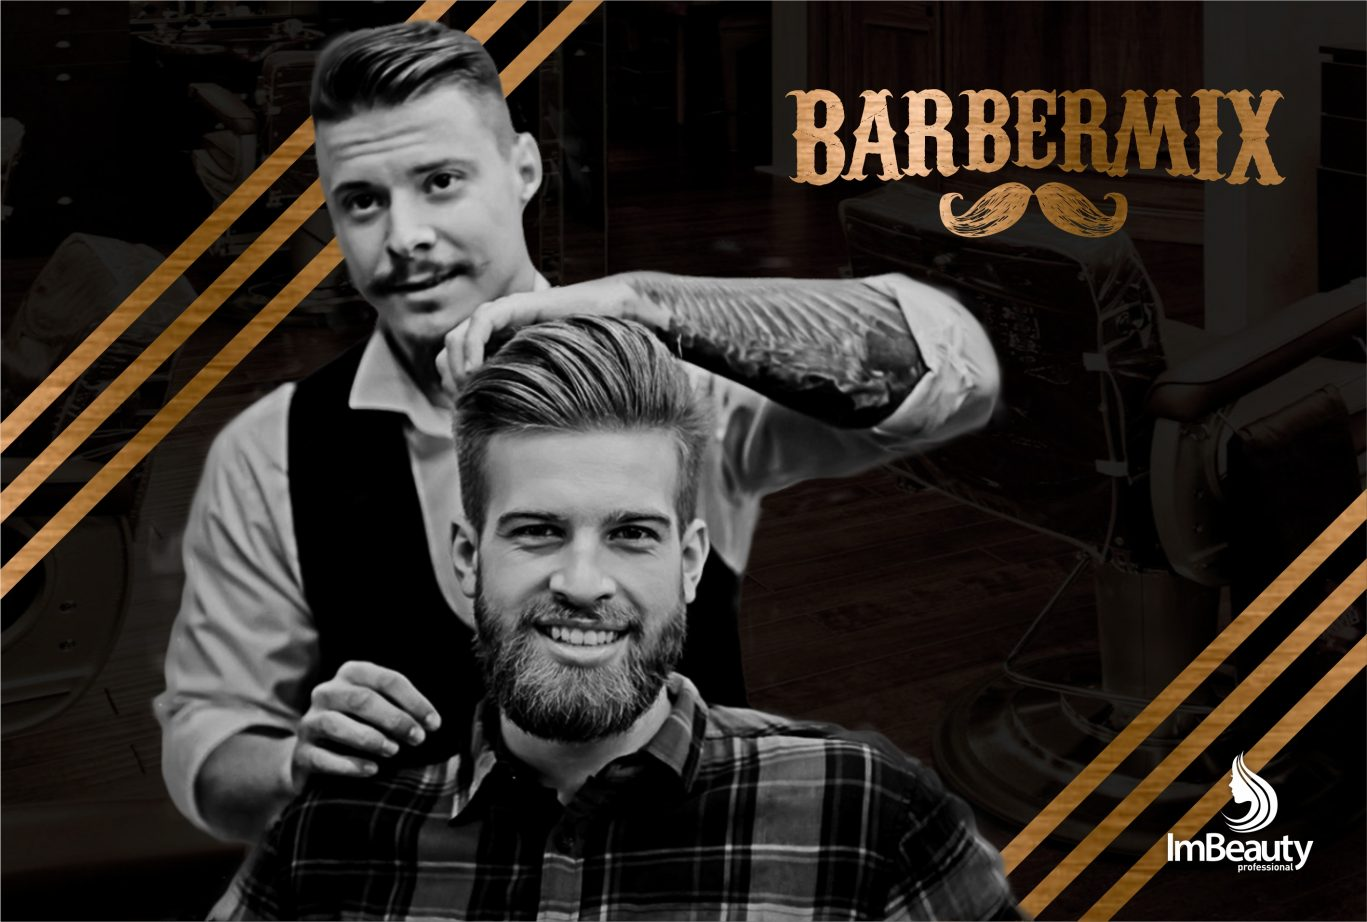 ImBeauty inova mais uma vez com a linha BarberMix